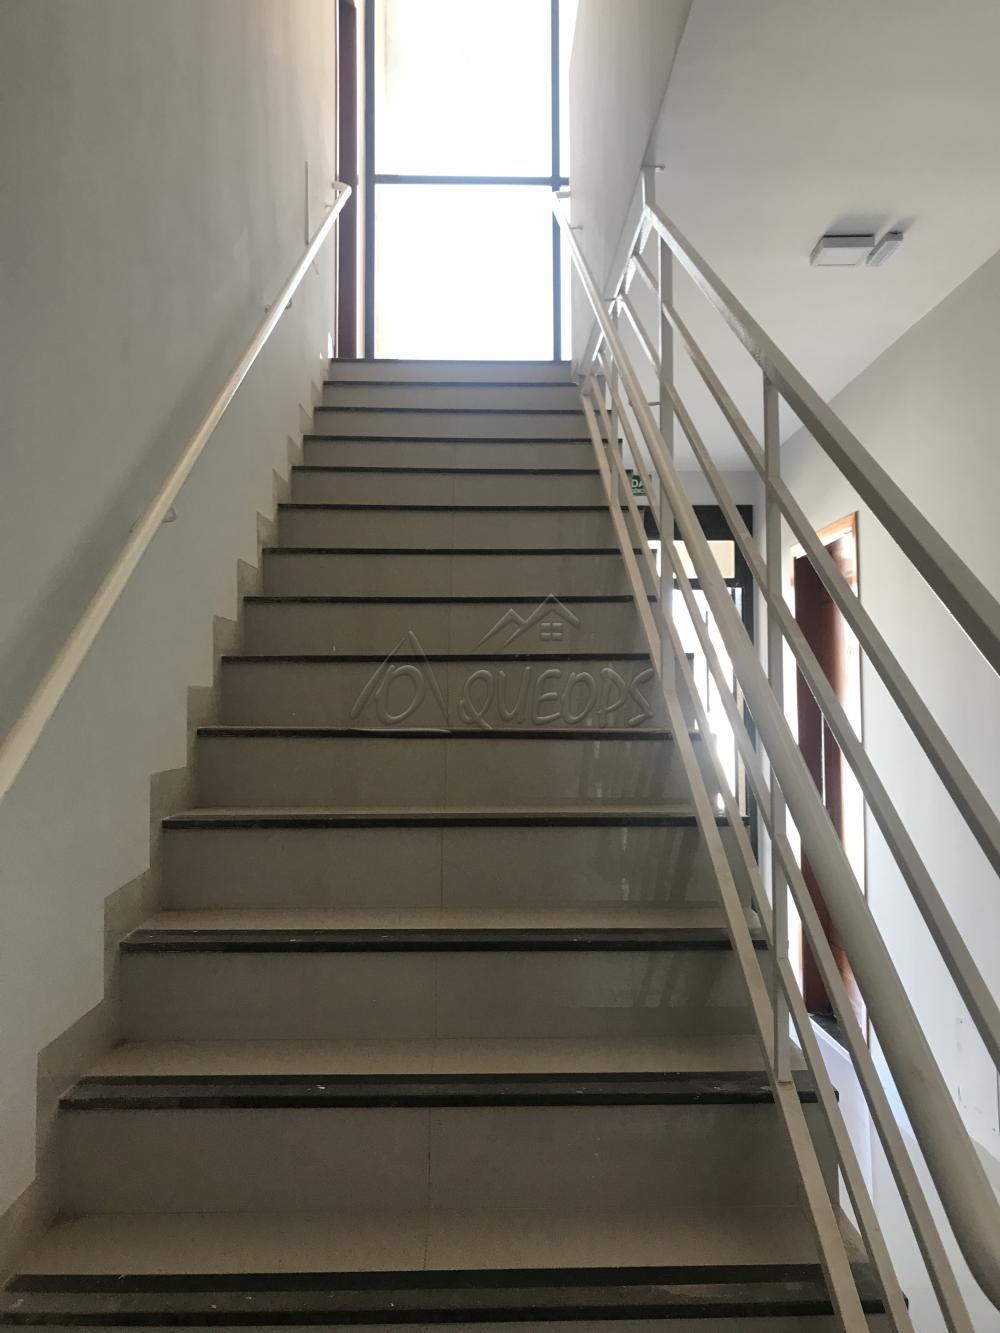 Alugar Apartamento / Padrão em Barretos apenas R$ 1.800,00 - Foto 18